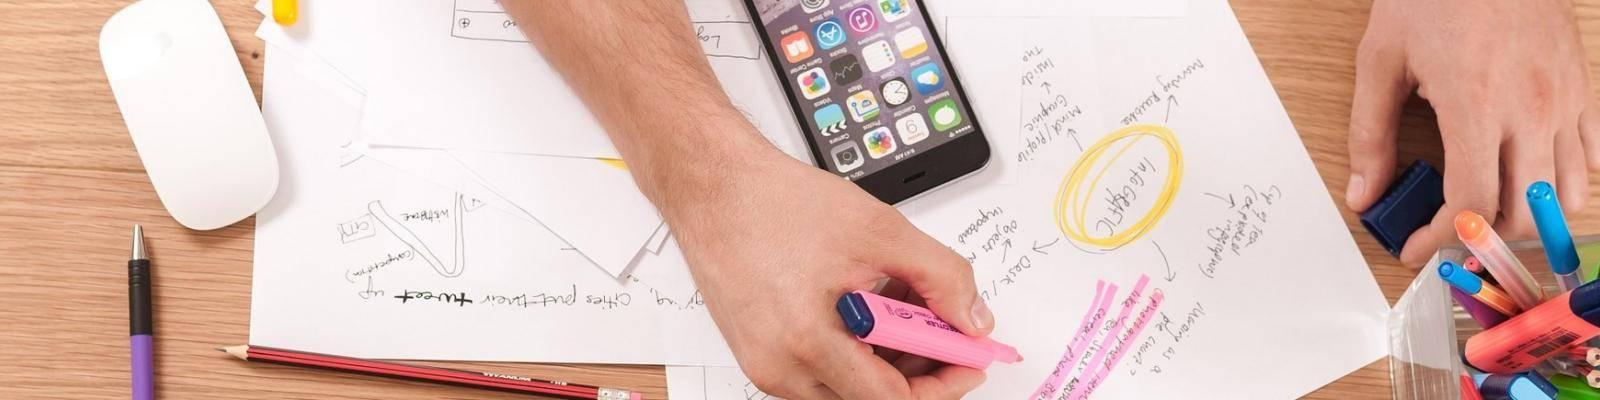 Handen met papierwerk, pennen en telefoon